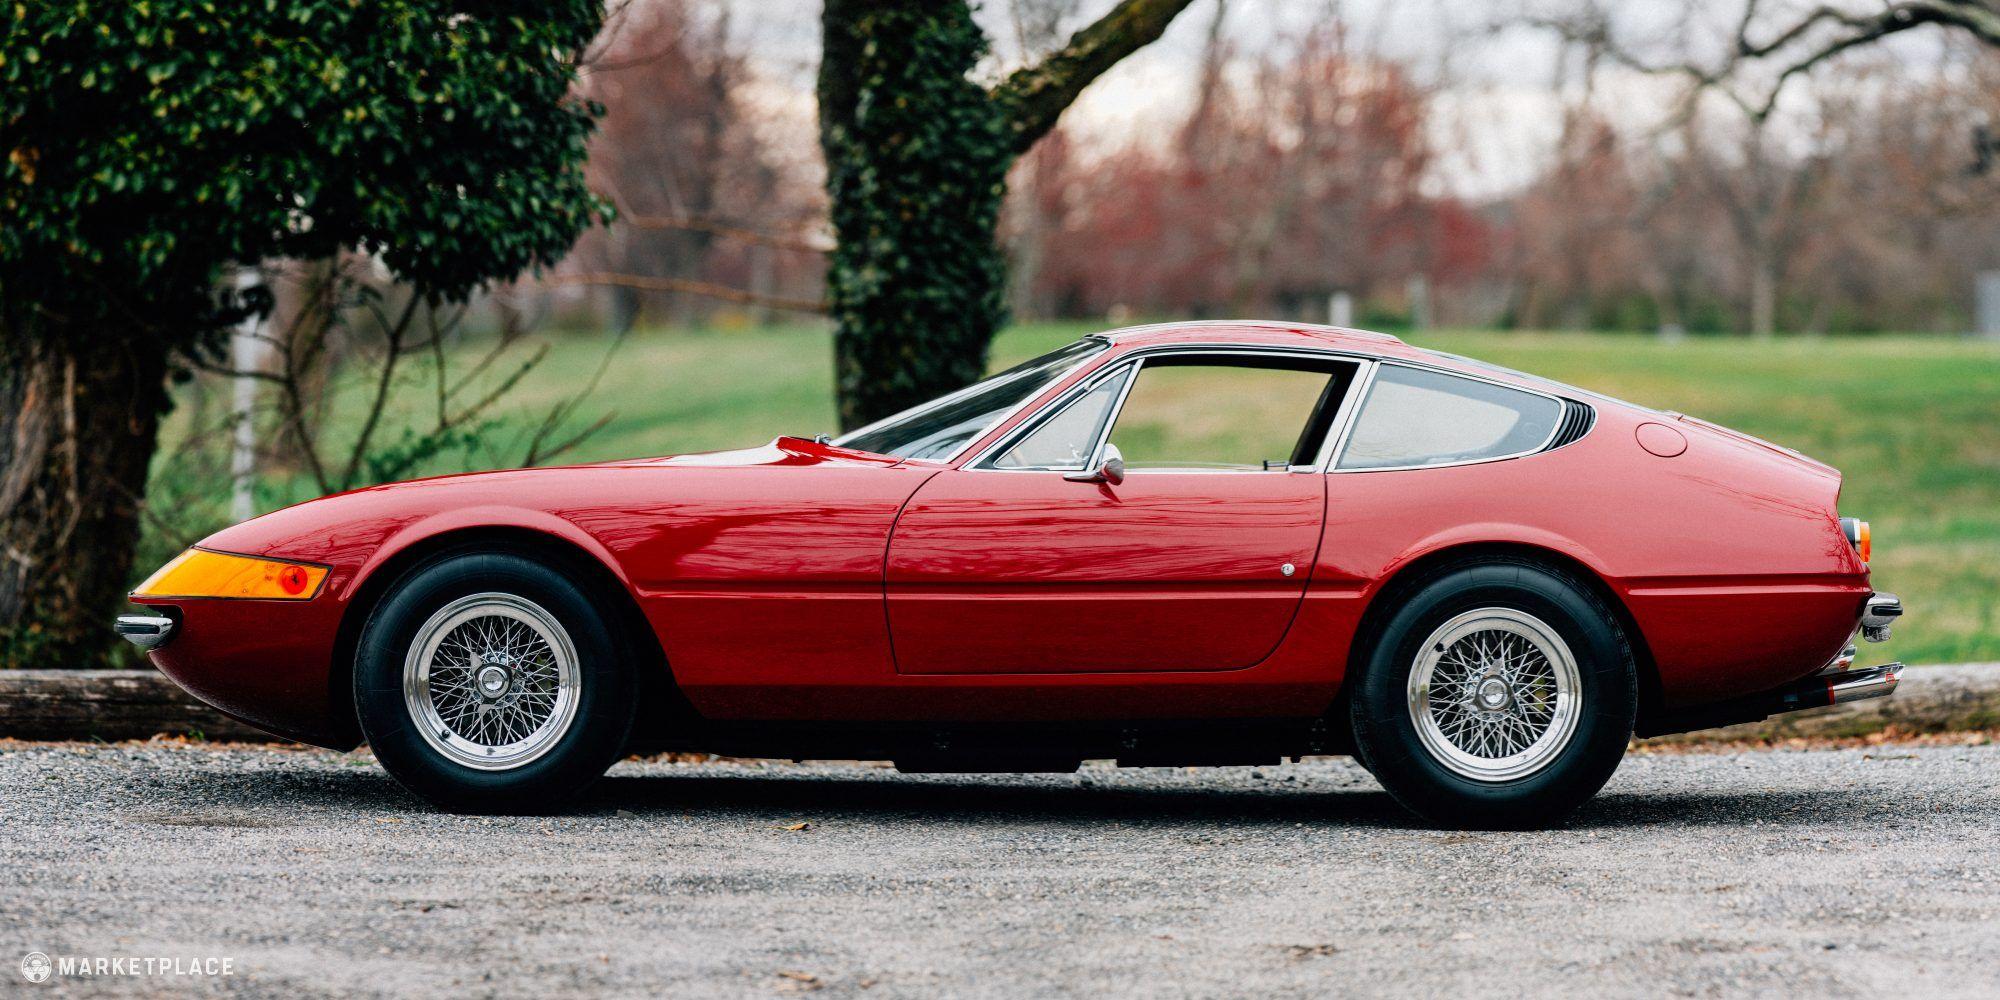 1970 Ferrari 365 Gtb 4 Plexi Nose Daytona W Audio Clips